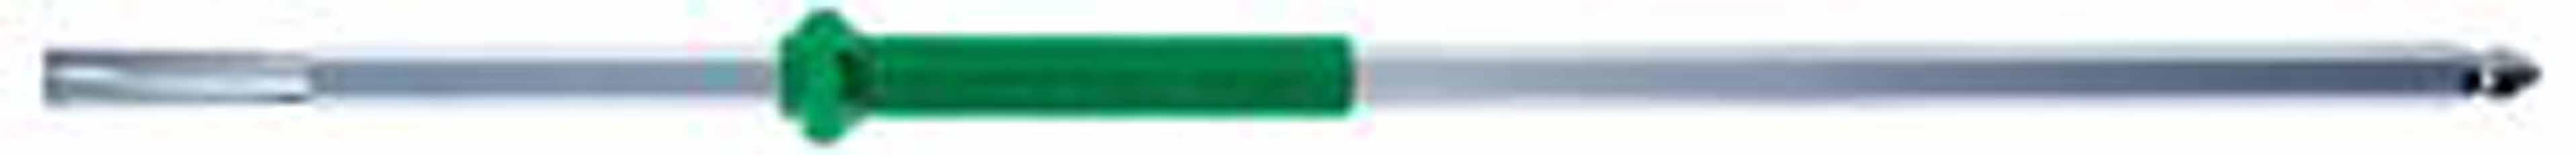 Zeskantstiftsleutel Torx T7 WIHA 26065